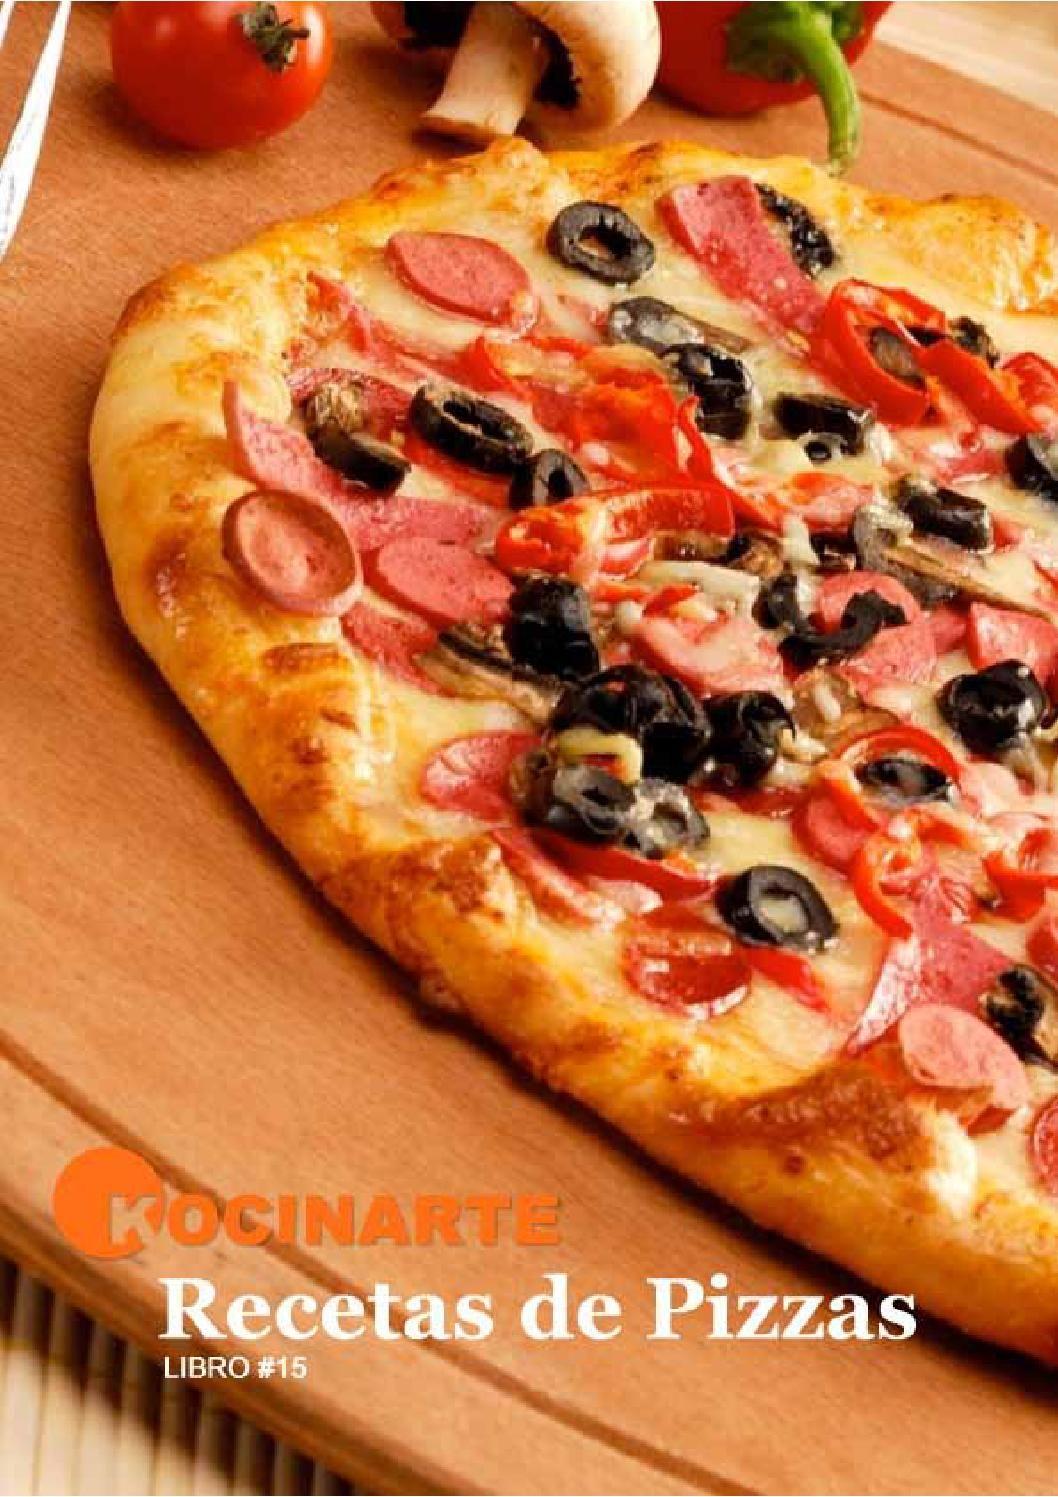 d58e35c62bd47fd0128279d088009425 - Recetas Pizzas